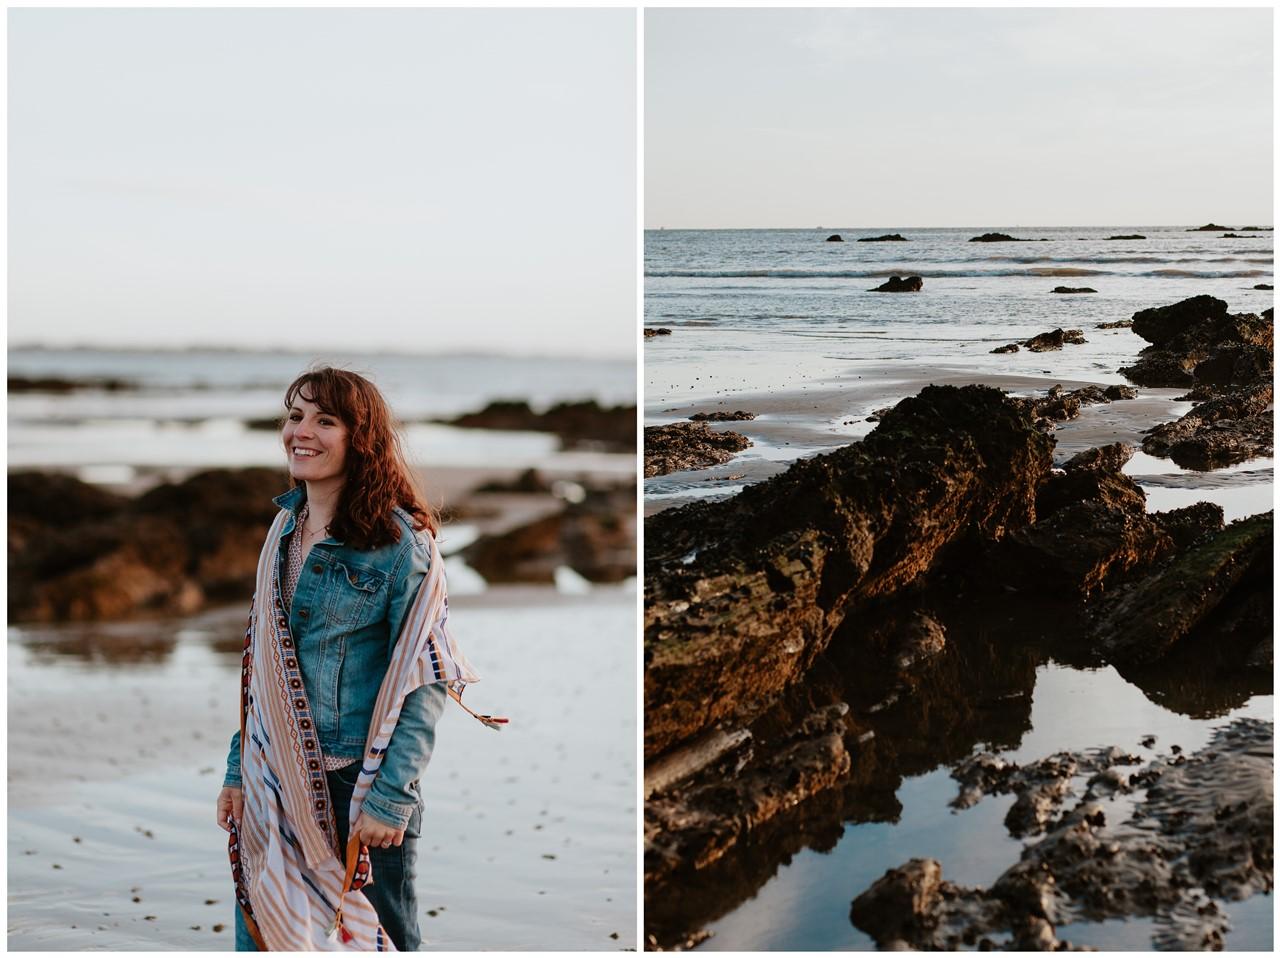 séance engagement plage mer pornic portrait femme paysage